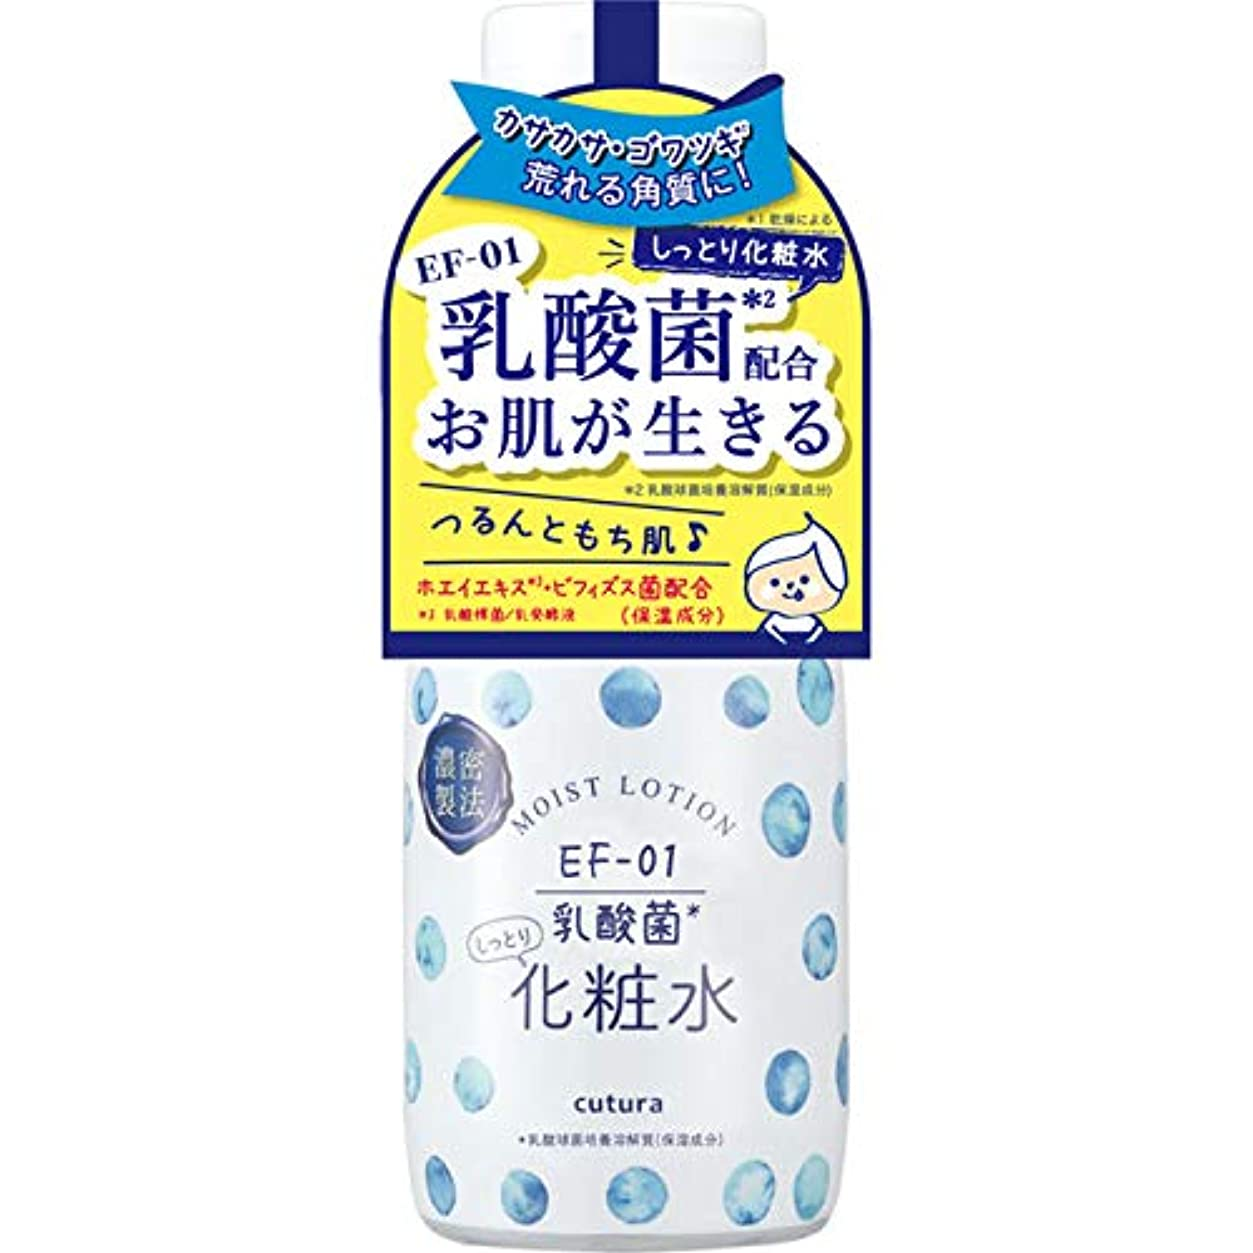 ルアー醜い半円pdc キュチュラ しっとり化粧水 N 200ml